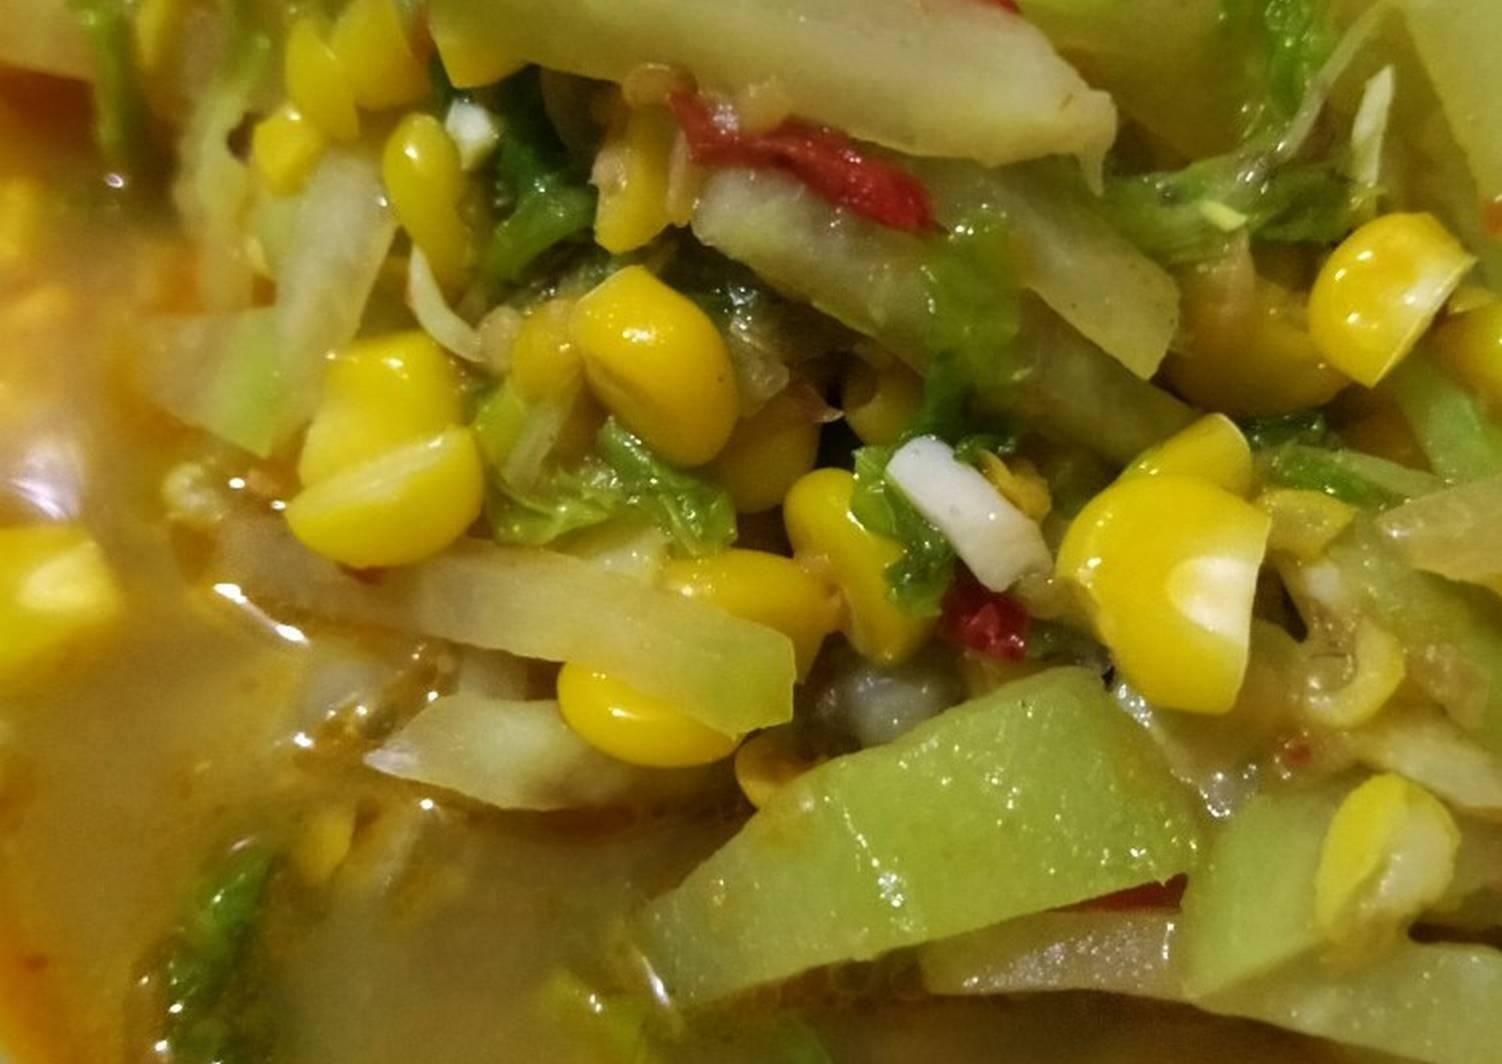 Resep Oseng labu, sawi putih dan jagung oleh irliana - Cookpad